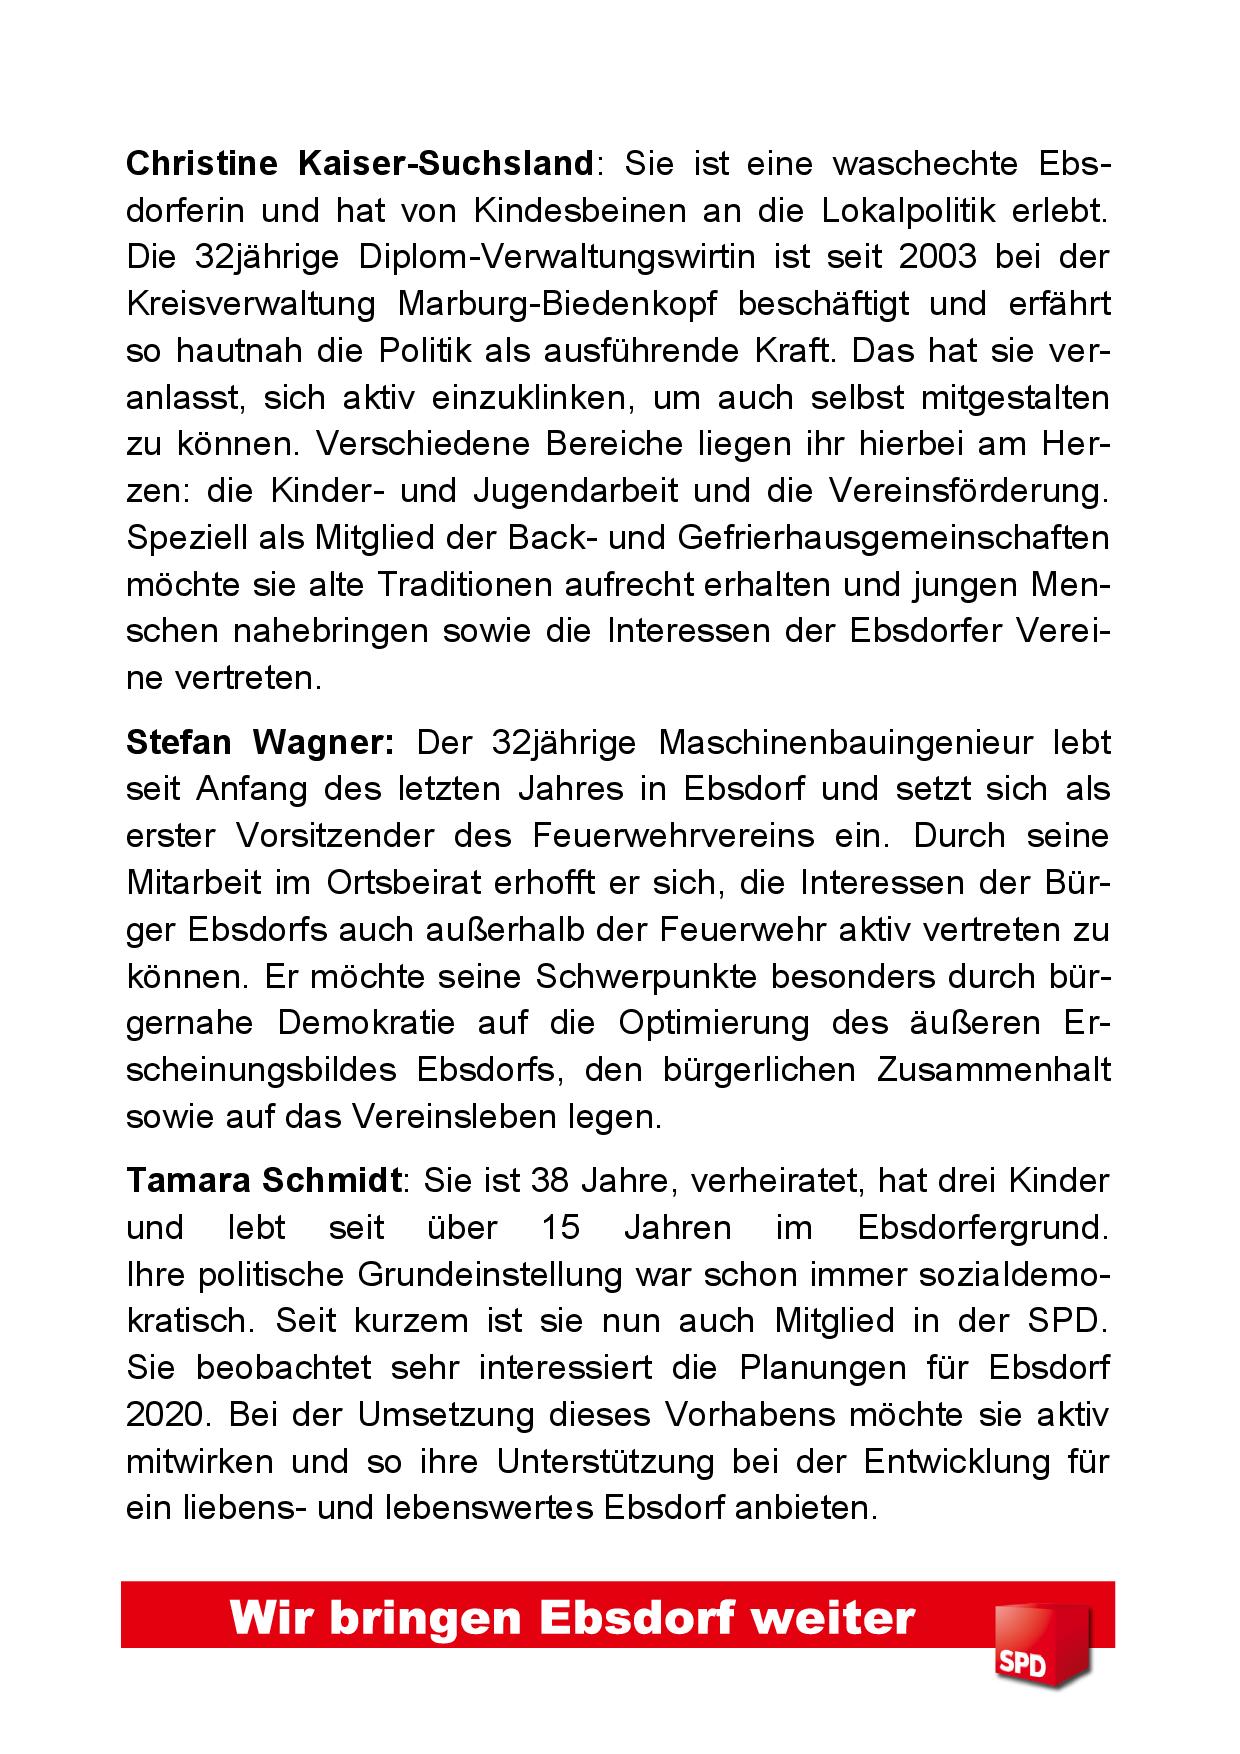 SPD_Kommunalwahl_2016_5